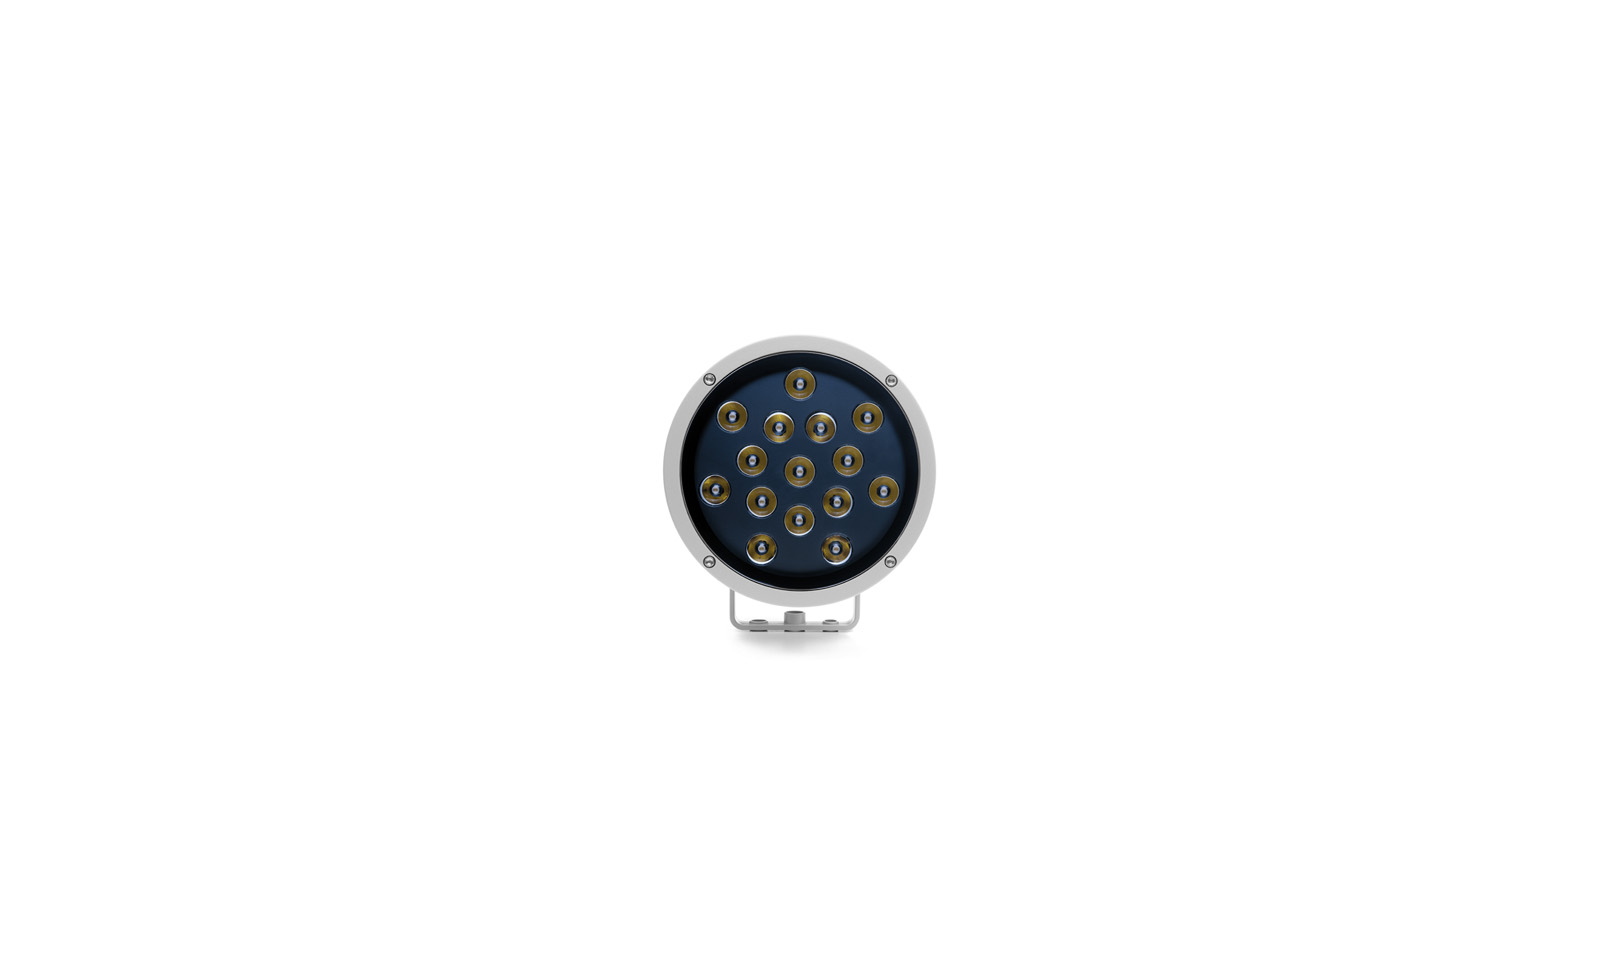 805009-805011 FLASH POLE MEGA LED 22W 3